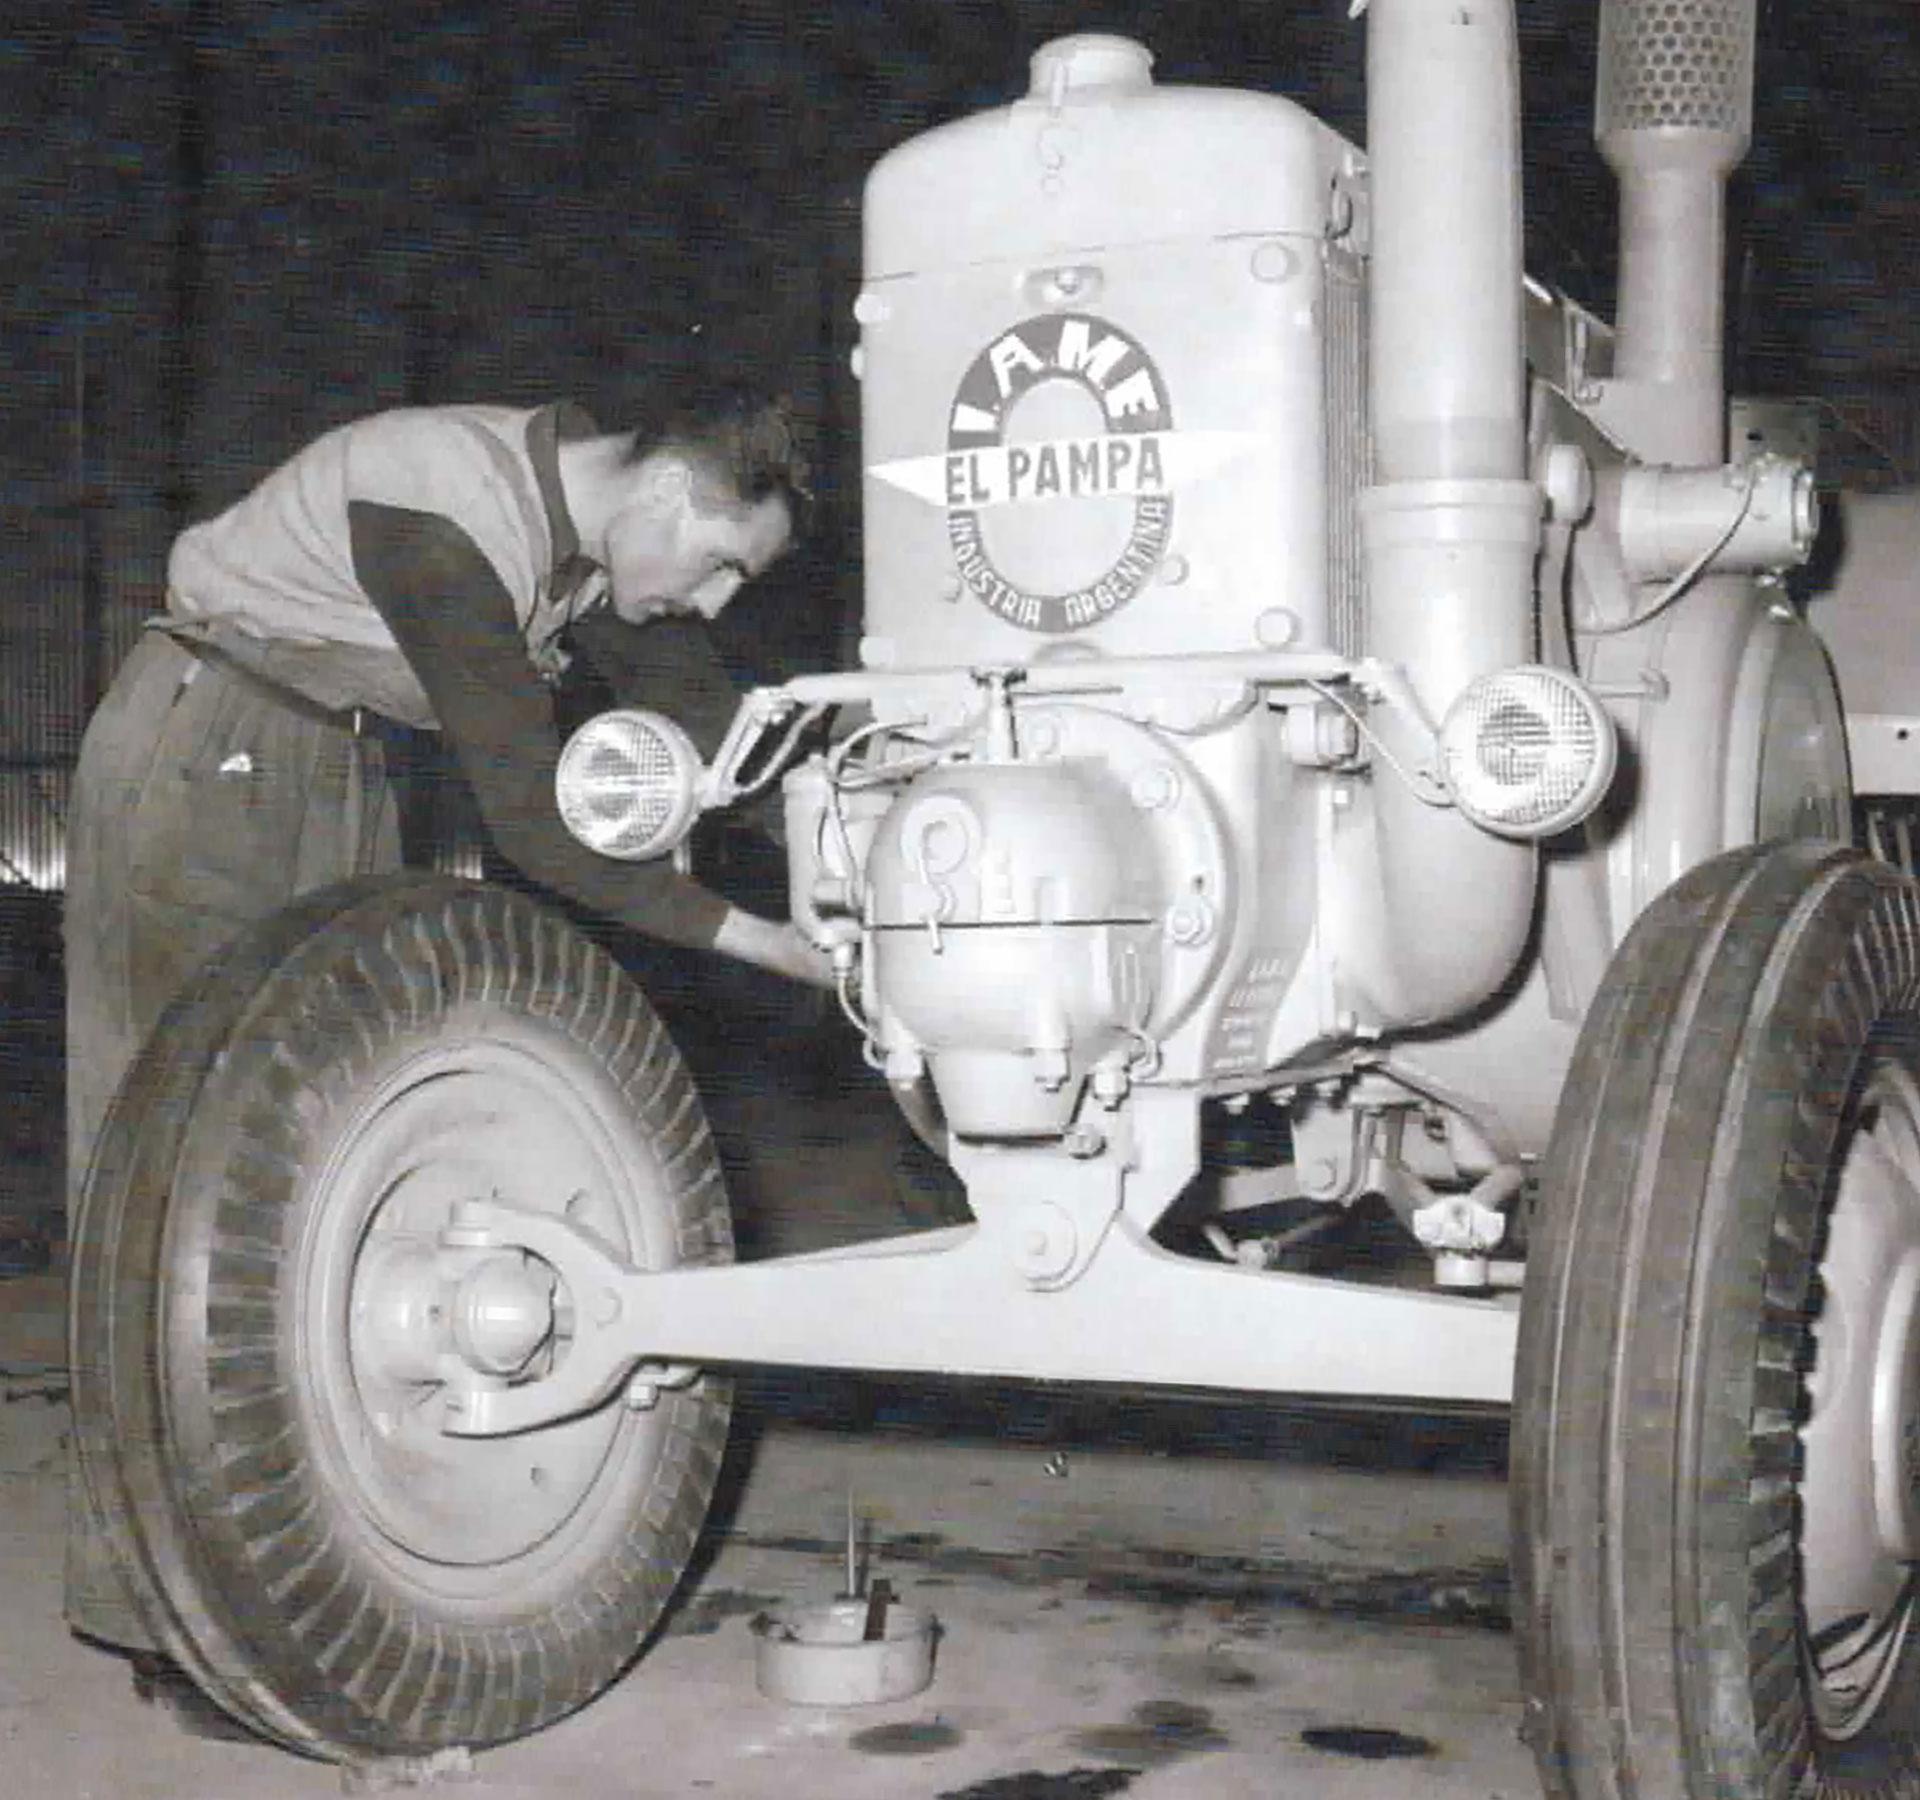 """Un obrero de IAME (Industrias Aeronáuticas y Mecánicas del Estado) trabaja sobre un tractor """"El Pampa"""""""